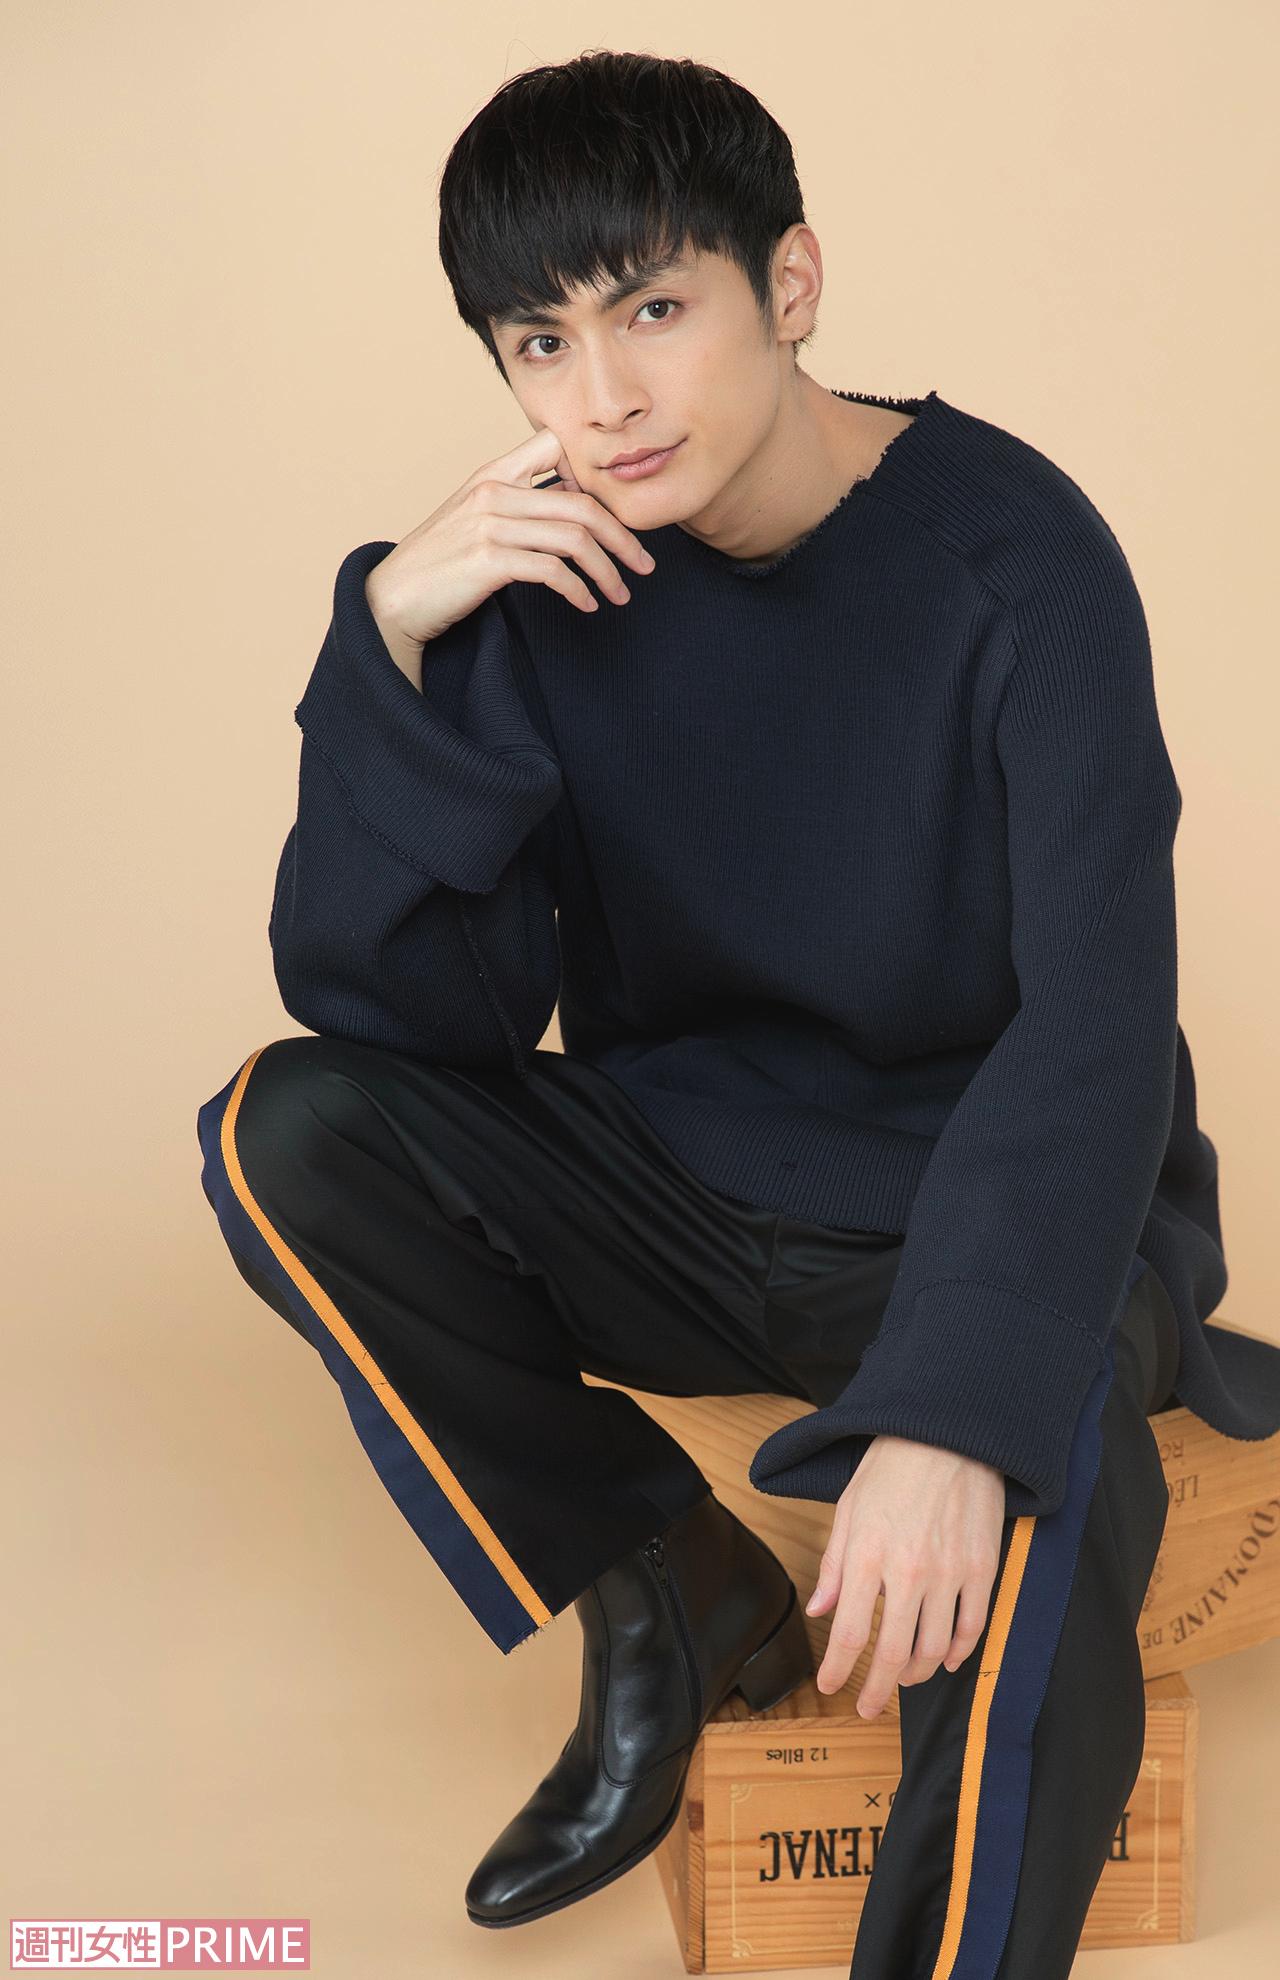 高良健吾の画像 p1_19